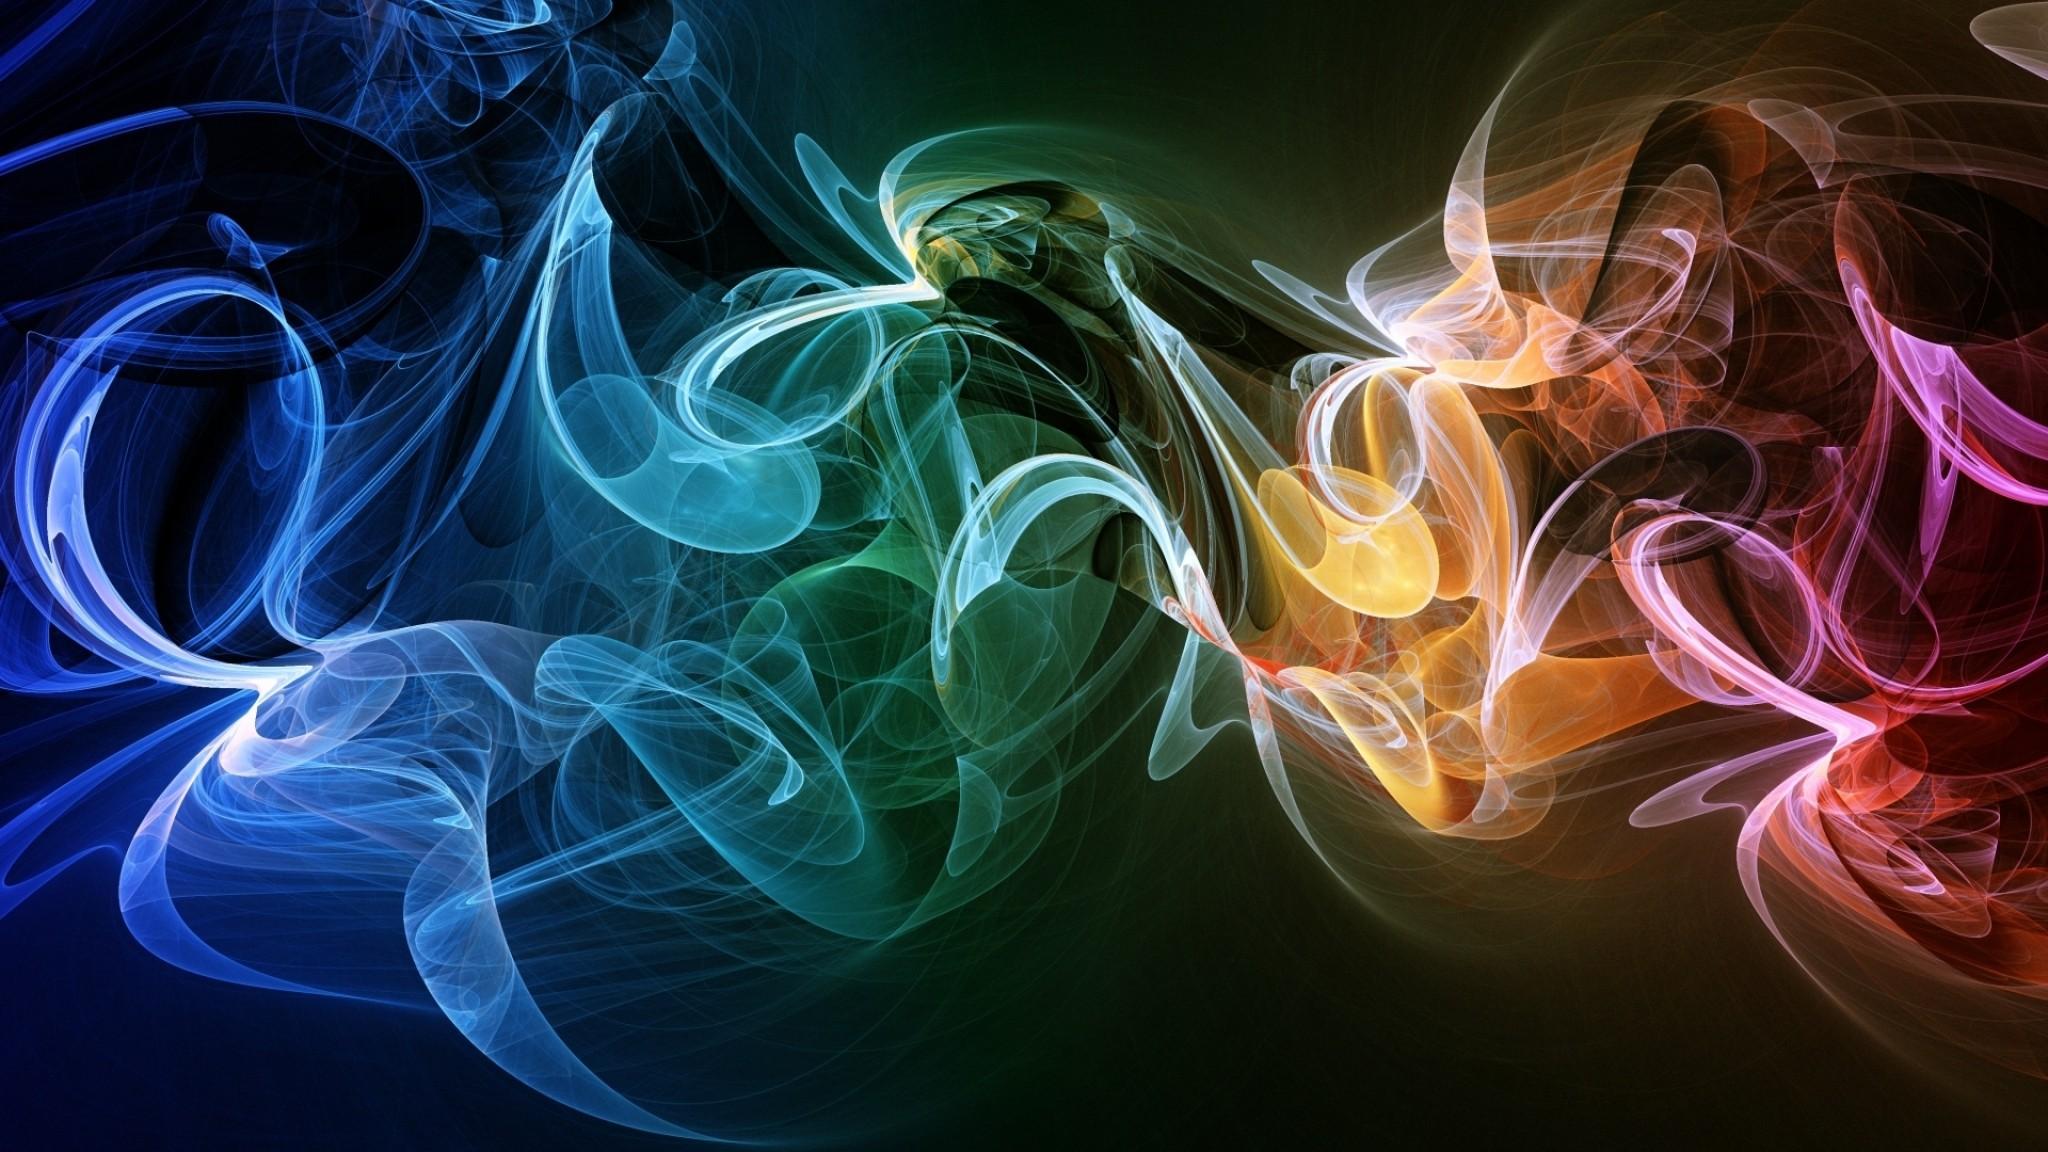 Wallpaper smoke, shape, colorful, bunch